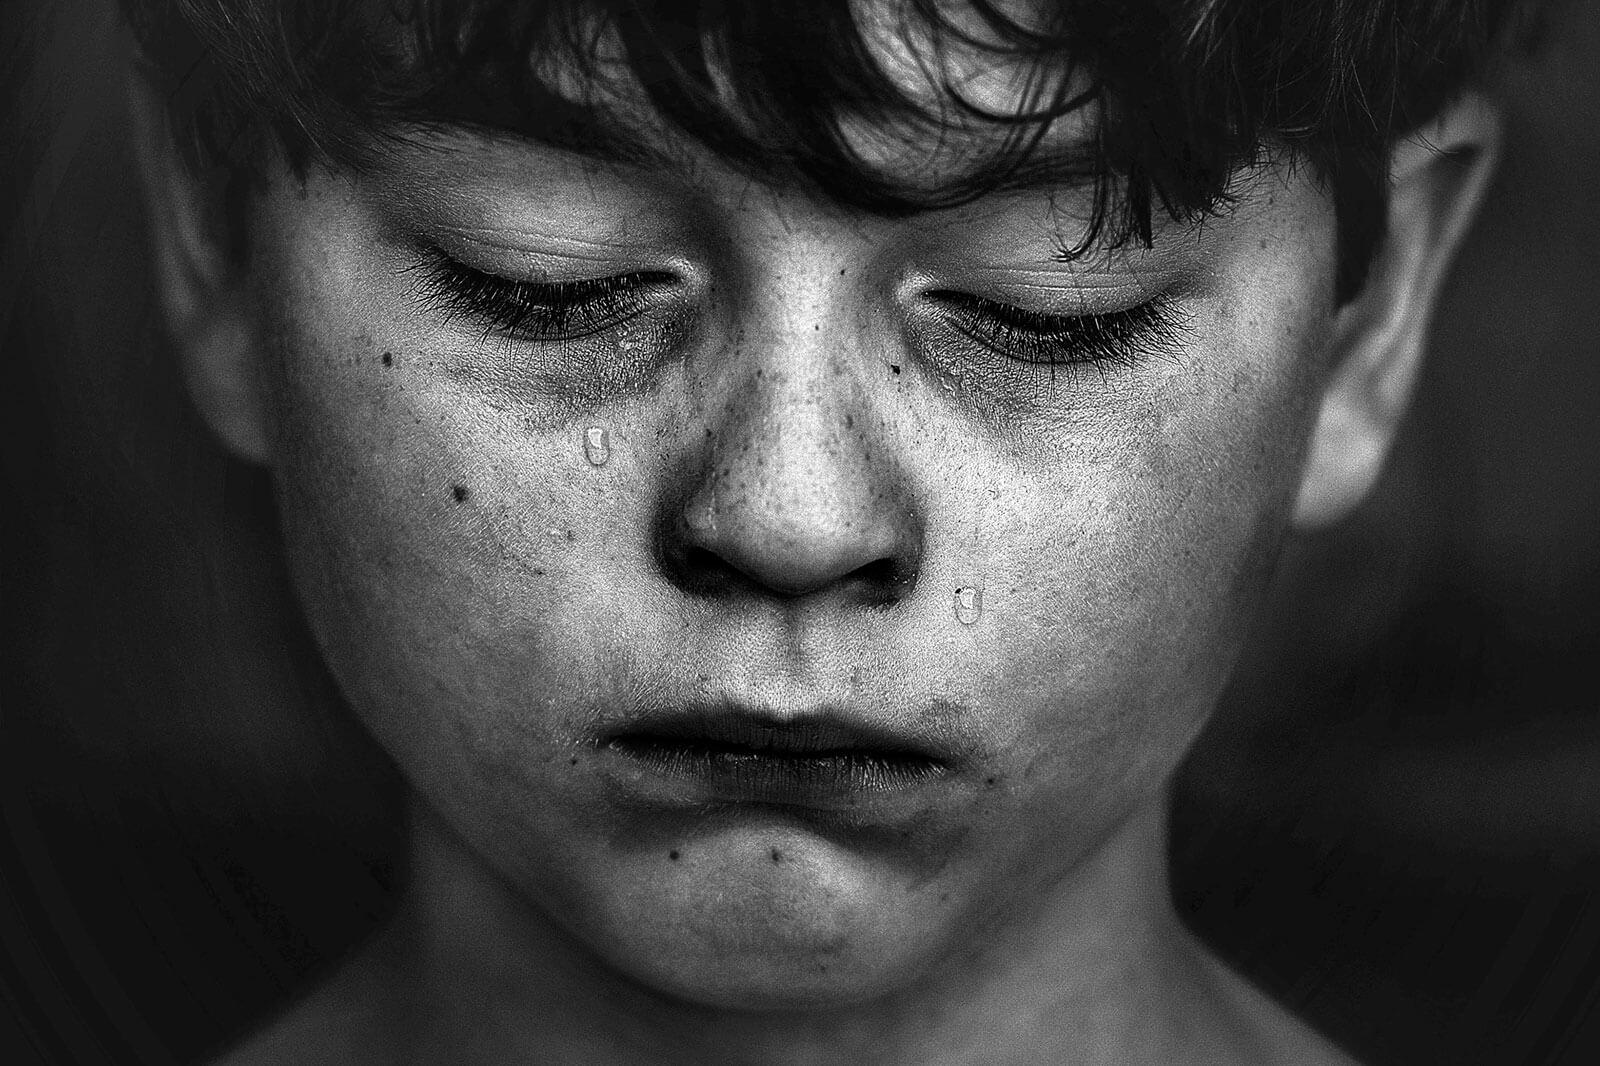 Criança de olhos semi-serrados, com lágrimas a correr pelo rosto.